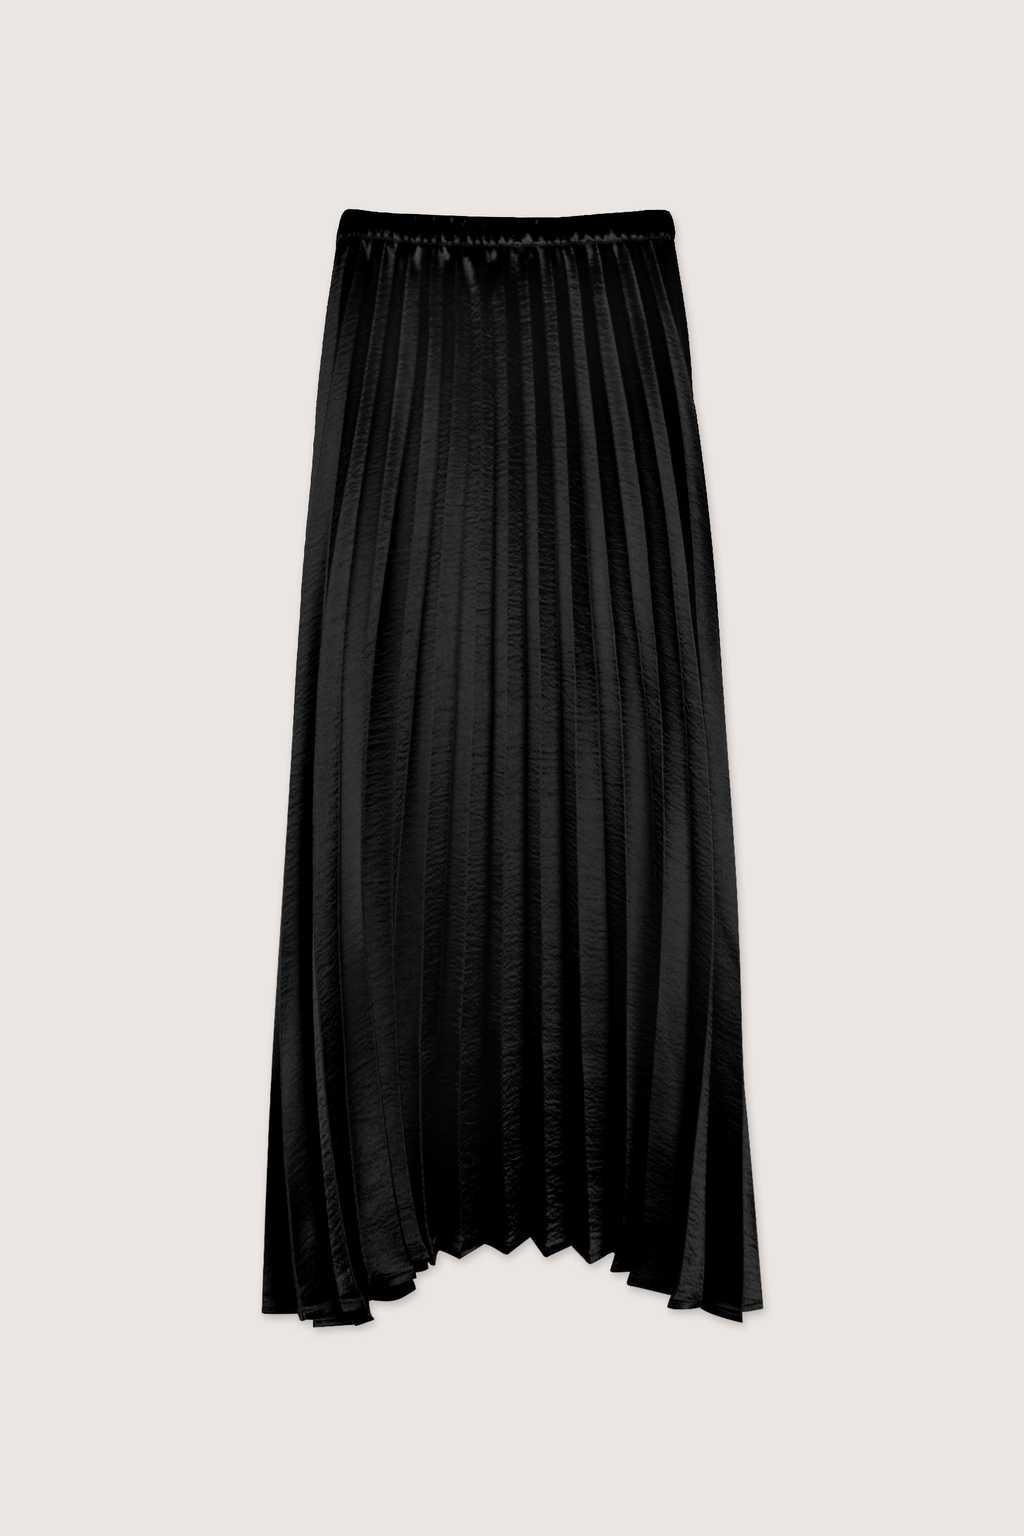 Skirt 1680 Black 9